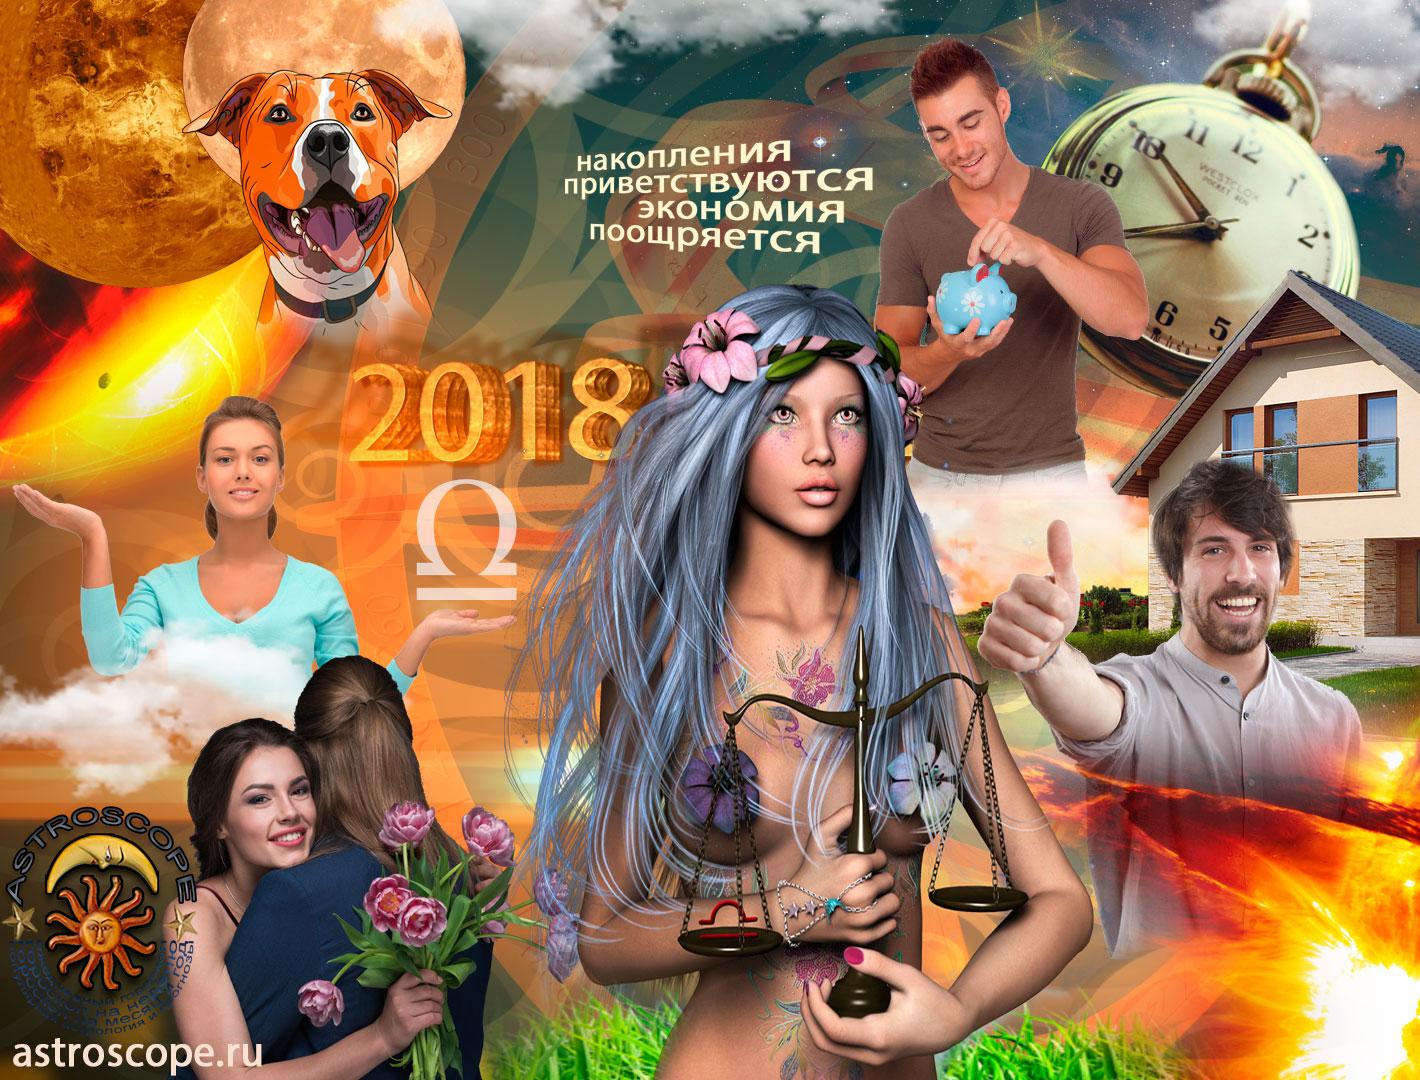 Любовный гороскоп 2018 Весы: что ждёт Весов в 2018 году в сфере любви